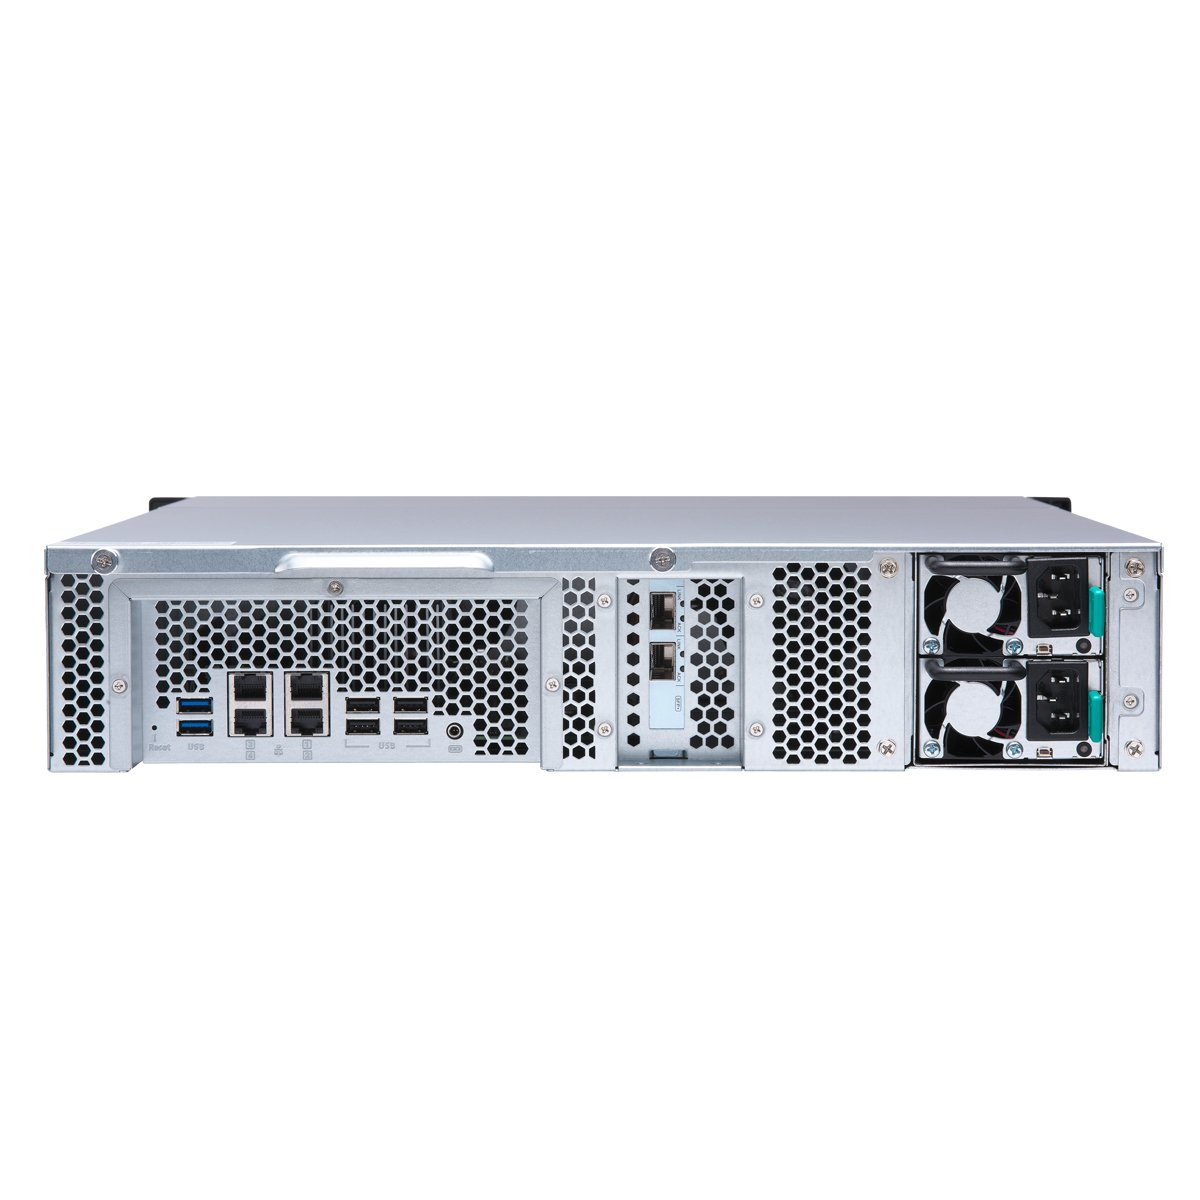 Qnap TS-1273U-RP-8G-US 2U 12-bay NAS/iSCSI IP-SAN, 10GbE, Redundant PSU by QNAP (Image #4)